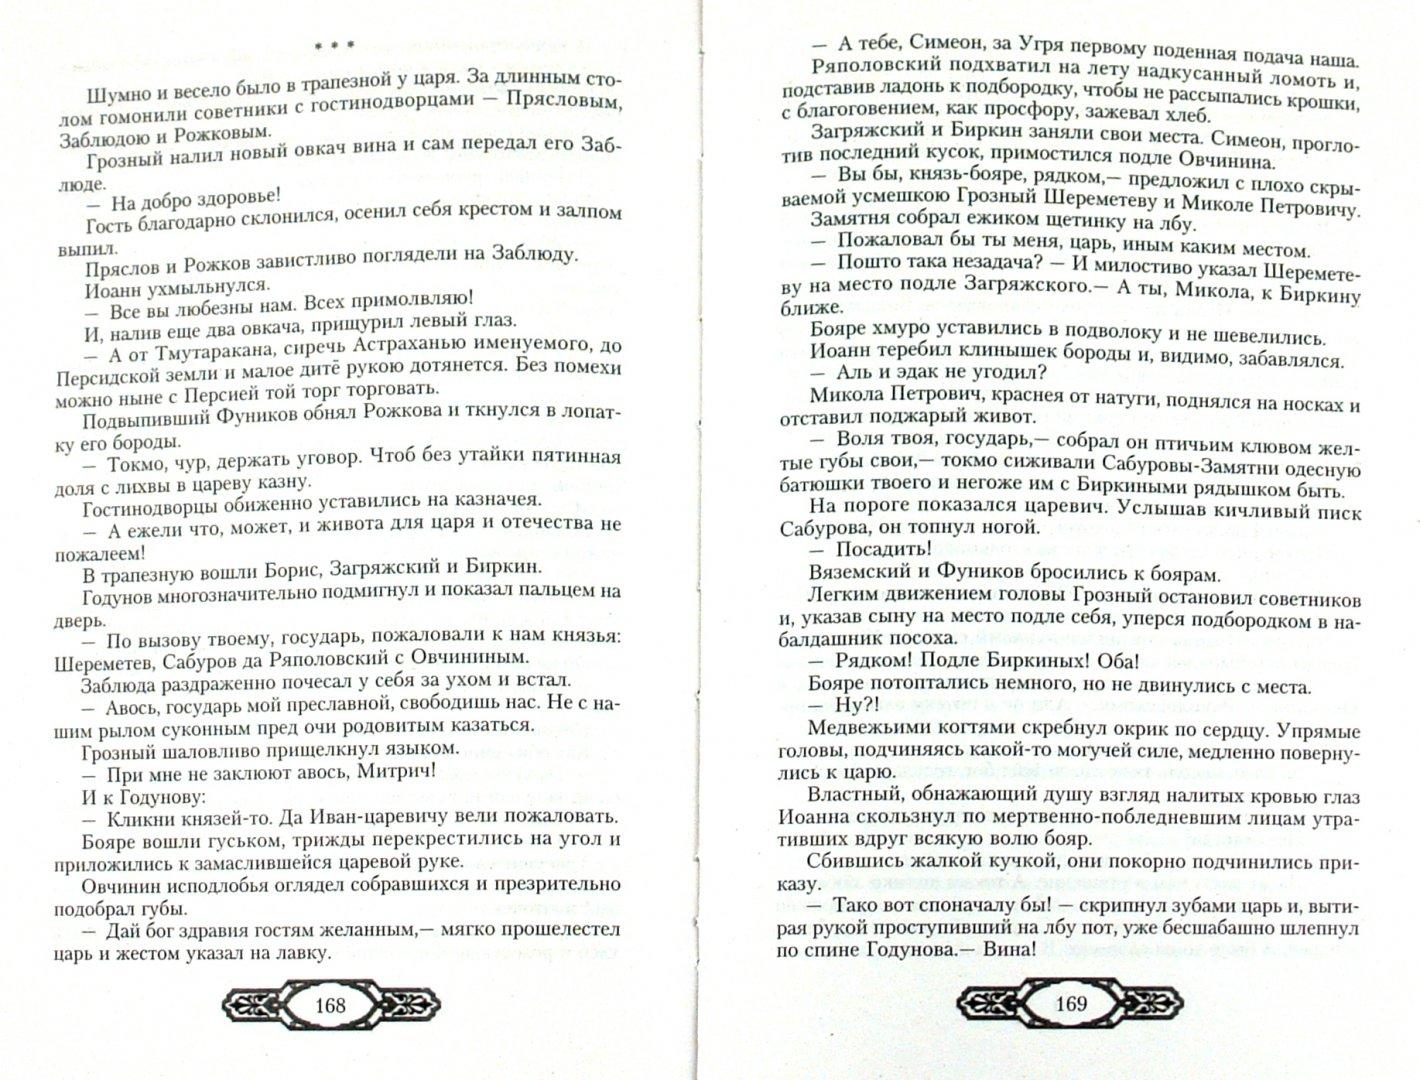 Иллюстрация 1 из 10 для Розмысл царя Иоанна Грозного - Константин Шильдкрет | Лабиринт - книги. Источник: Лабиринт